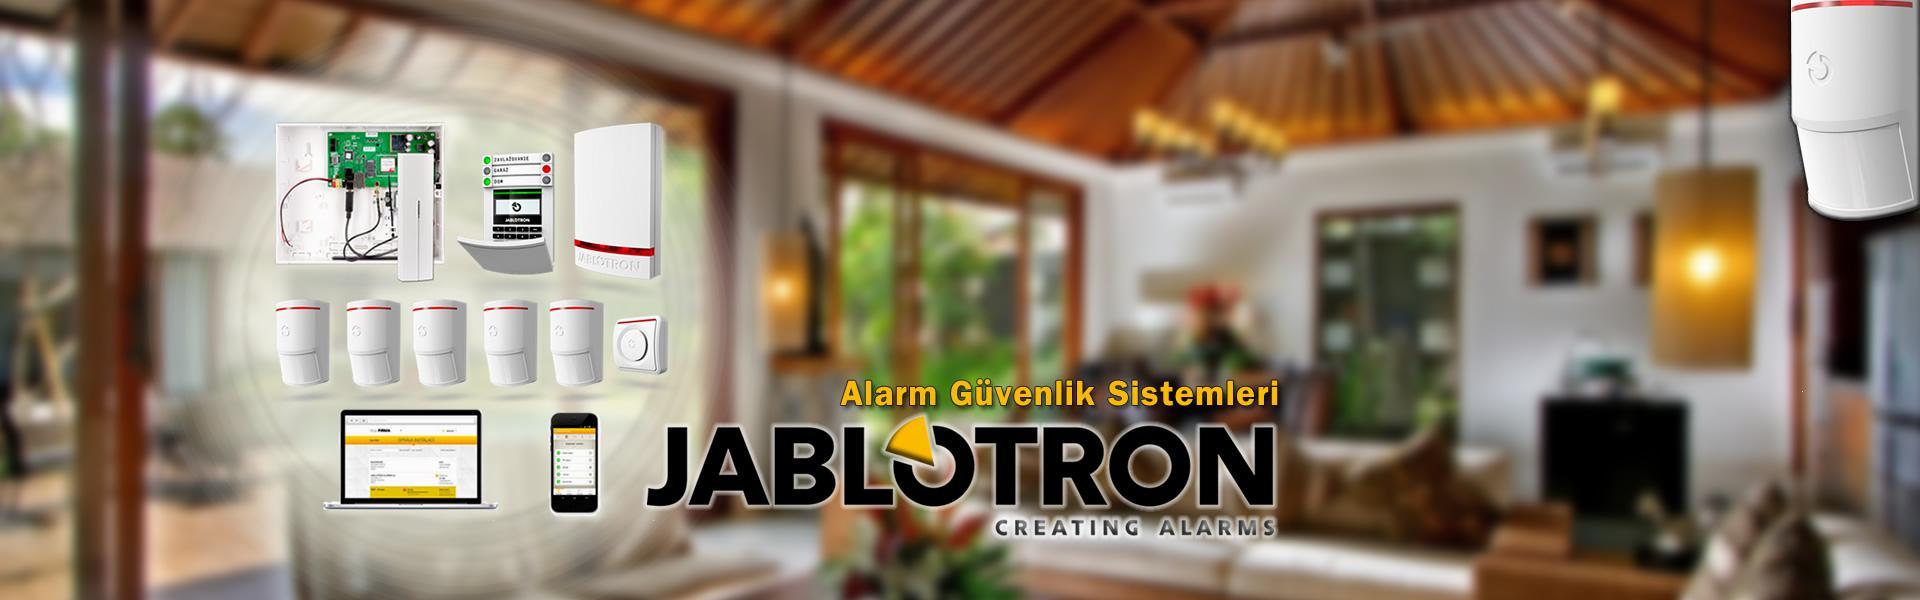 Jablotron Alarm Sistemleri